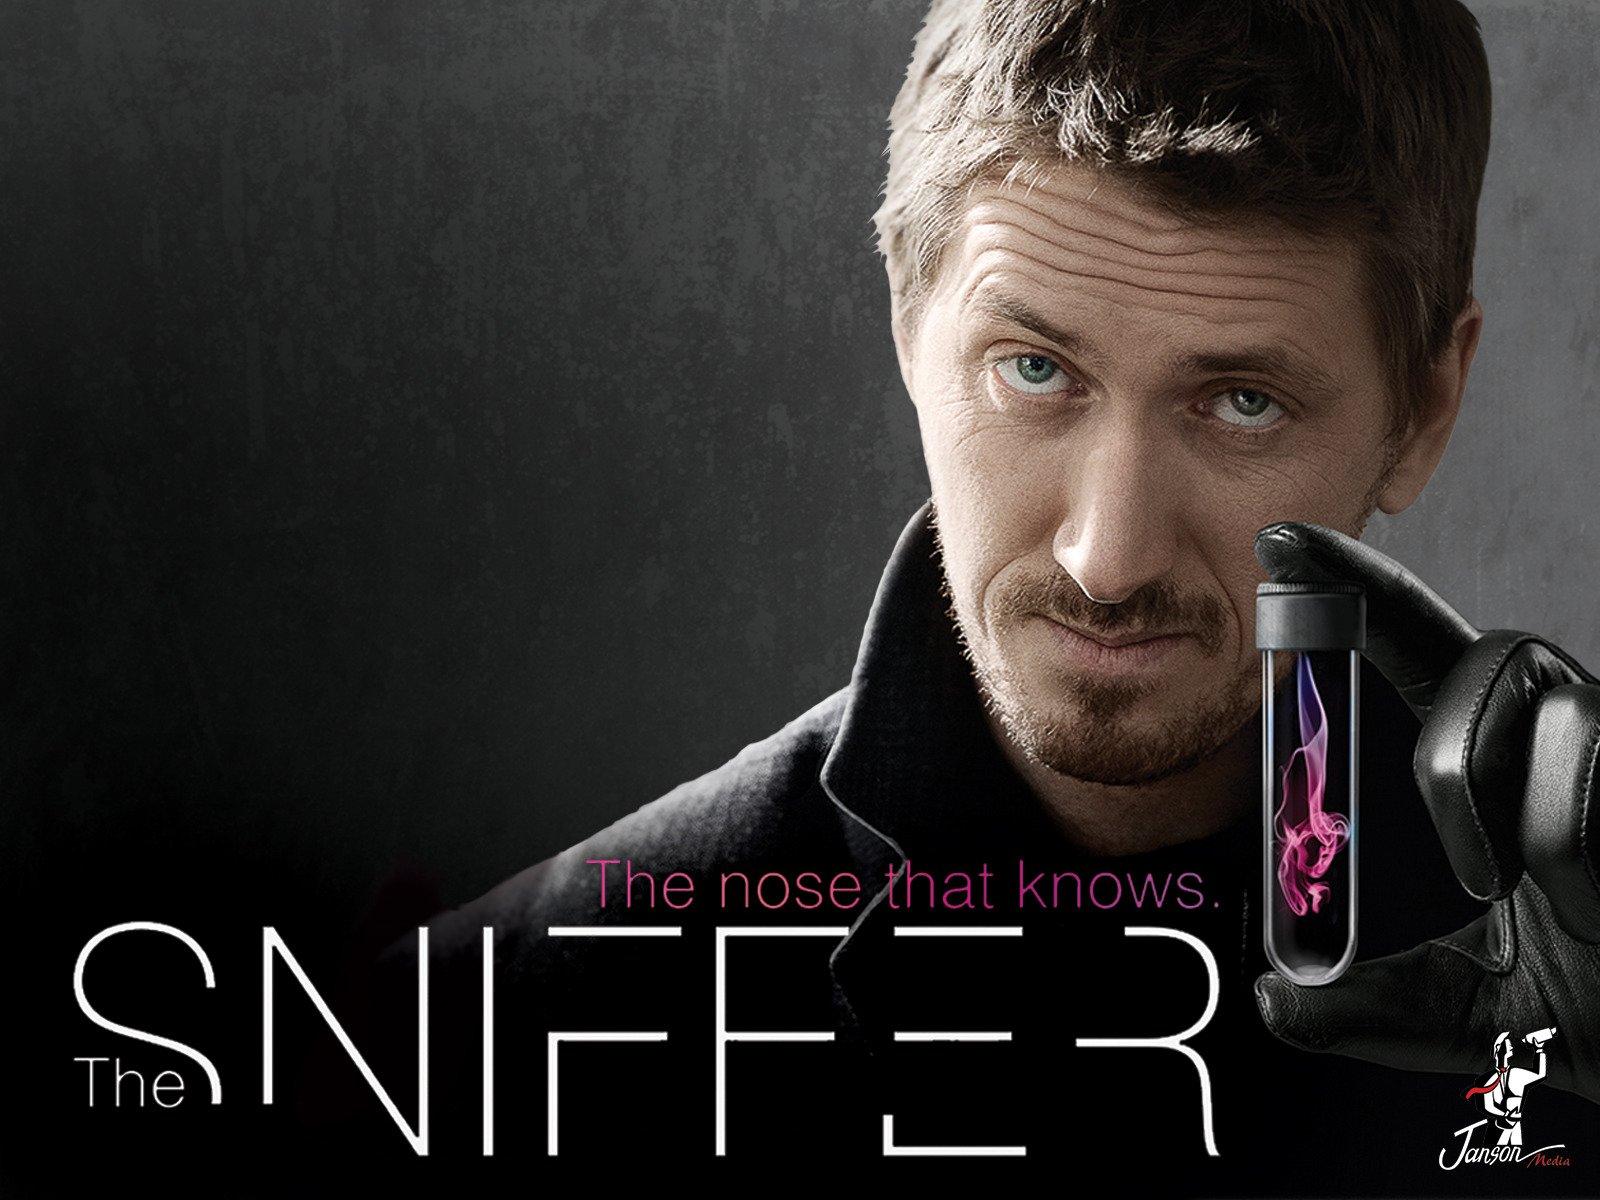 Imagini pentru Sniffer netflix